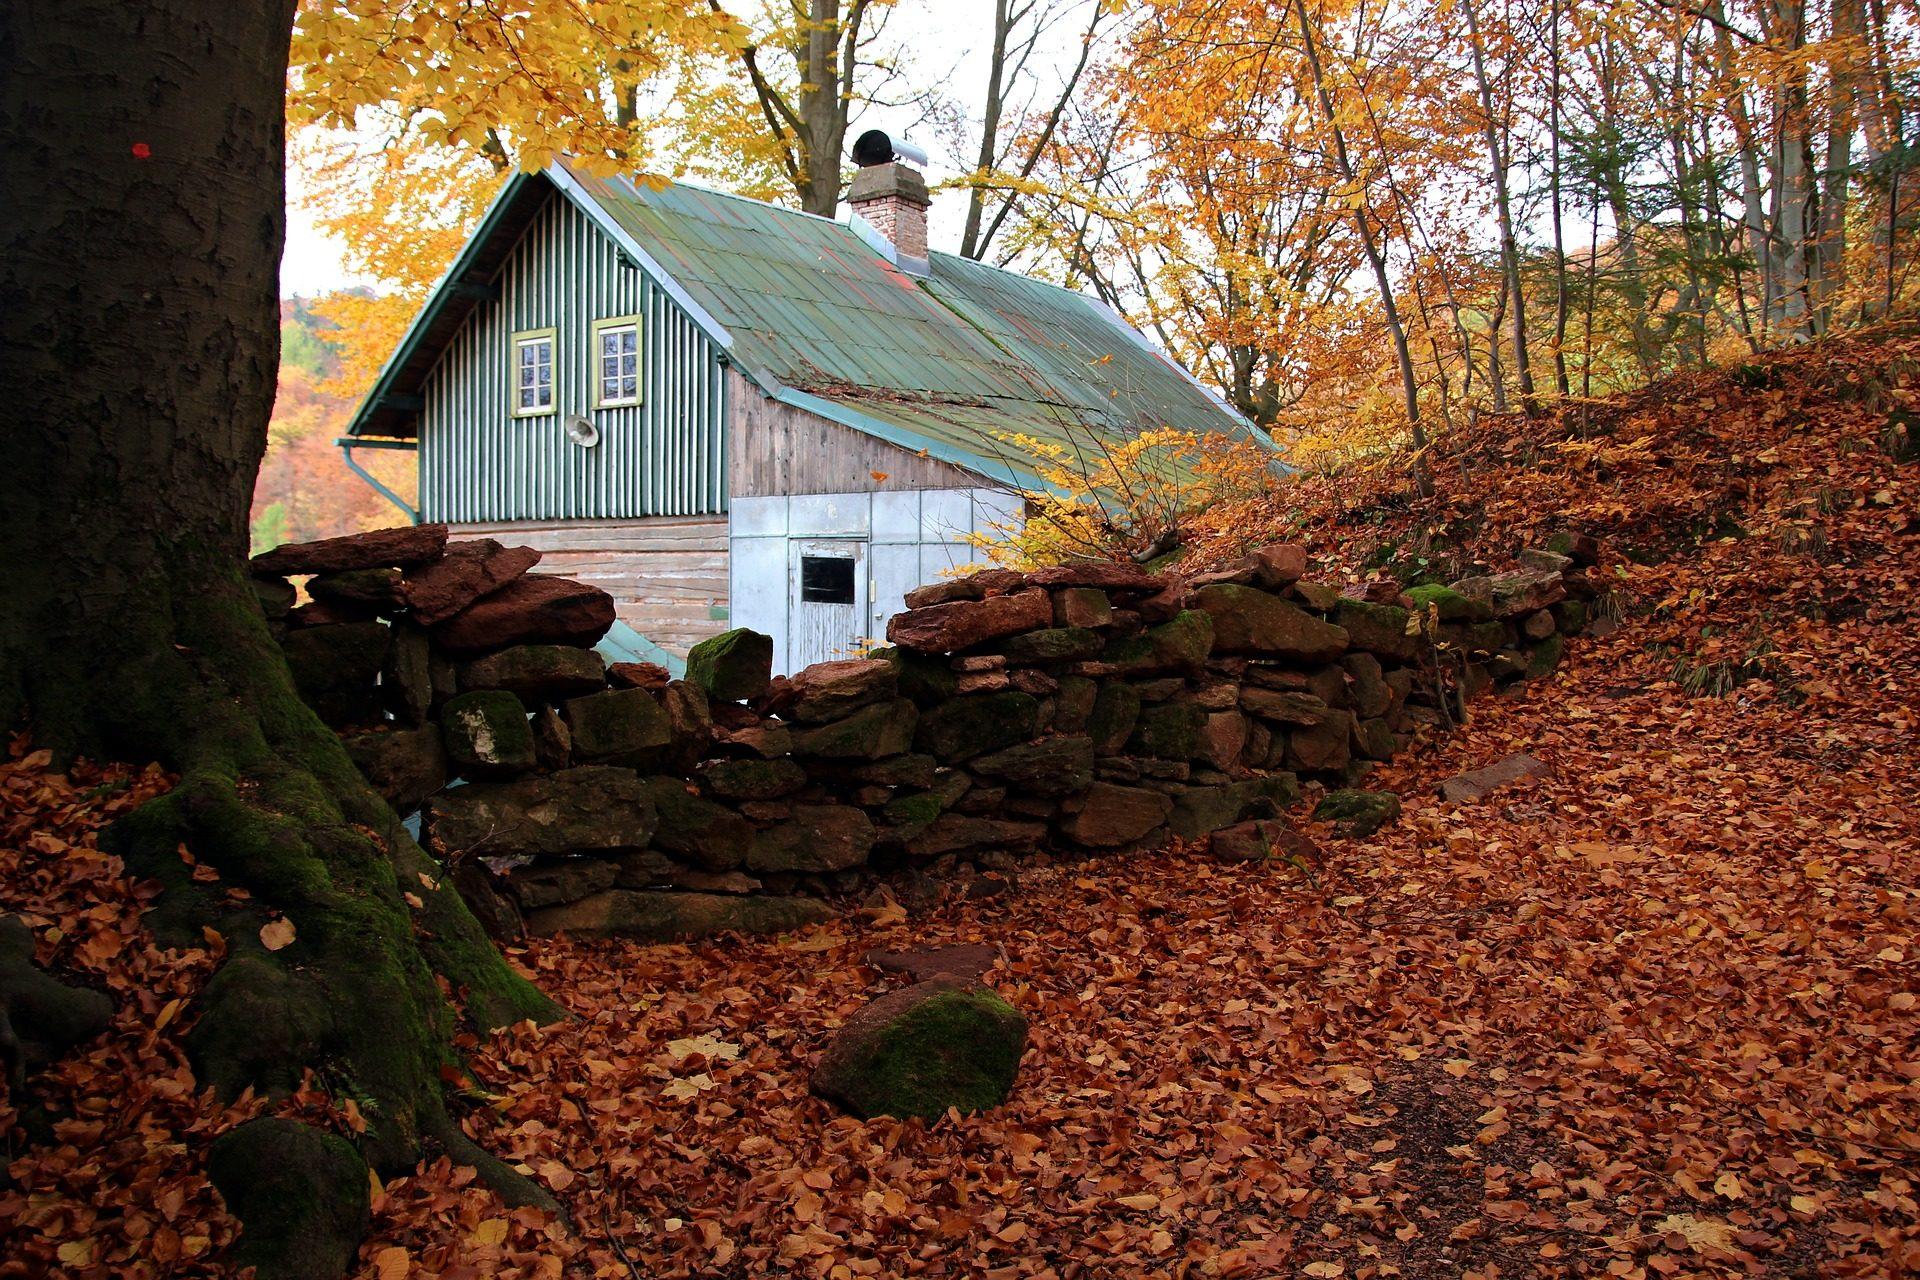 Σπίτι, Καμπάνα, φύλλα, ξηρά, πέτρες, δέντρο, φθινόπωρο, δέντρα - Wallpapers HD - Professor-falken.com